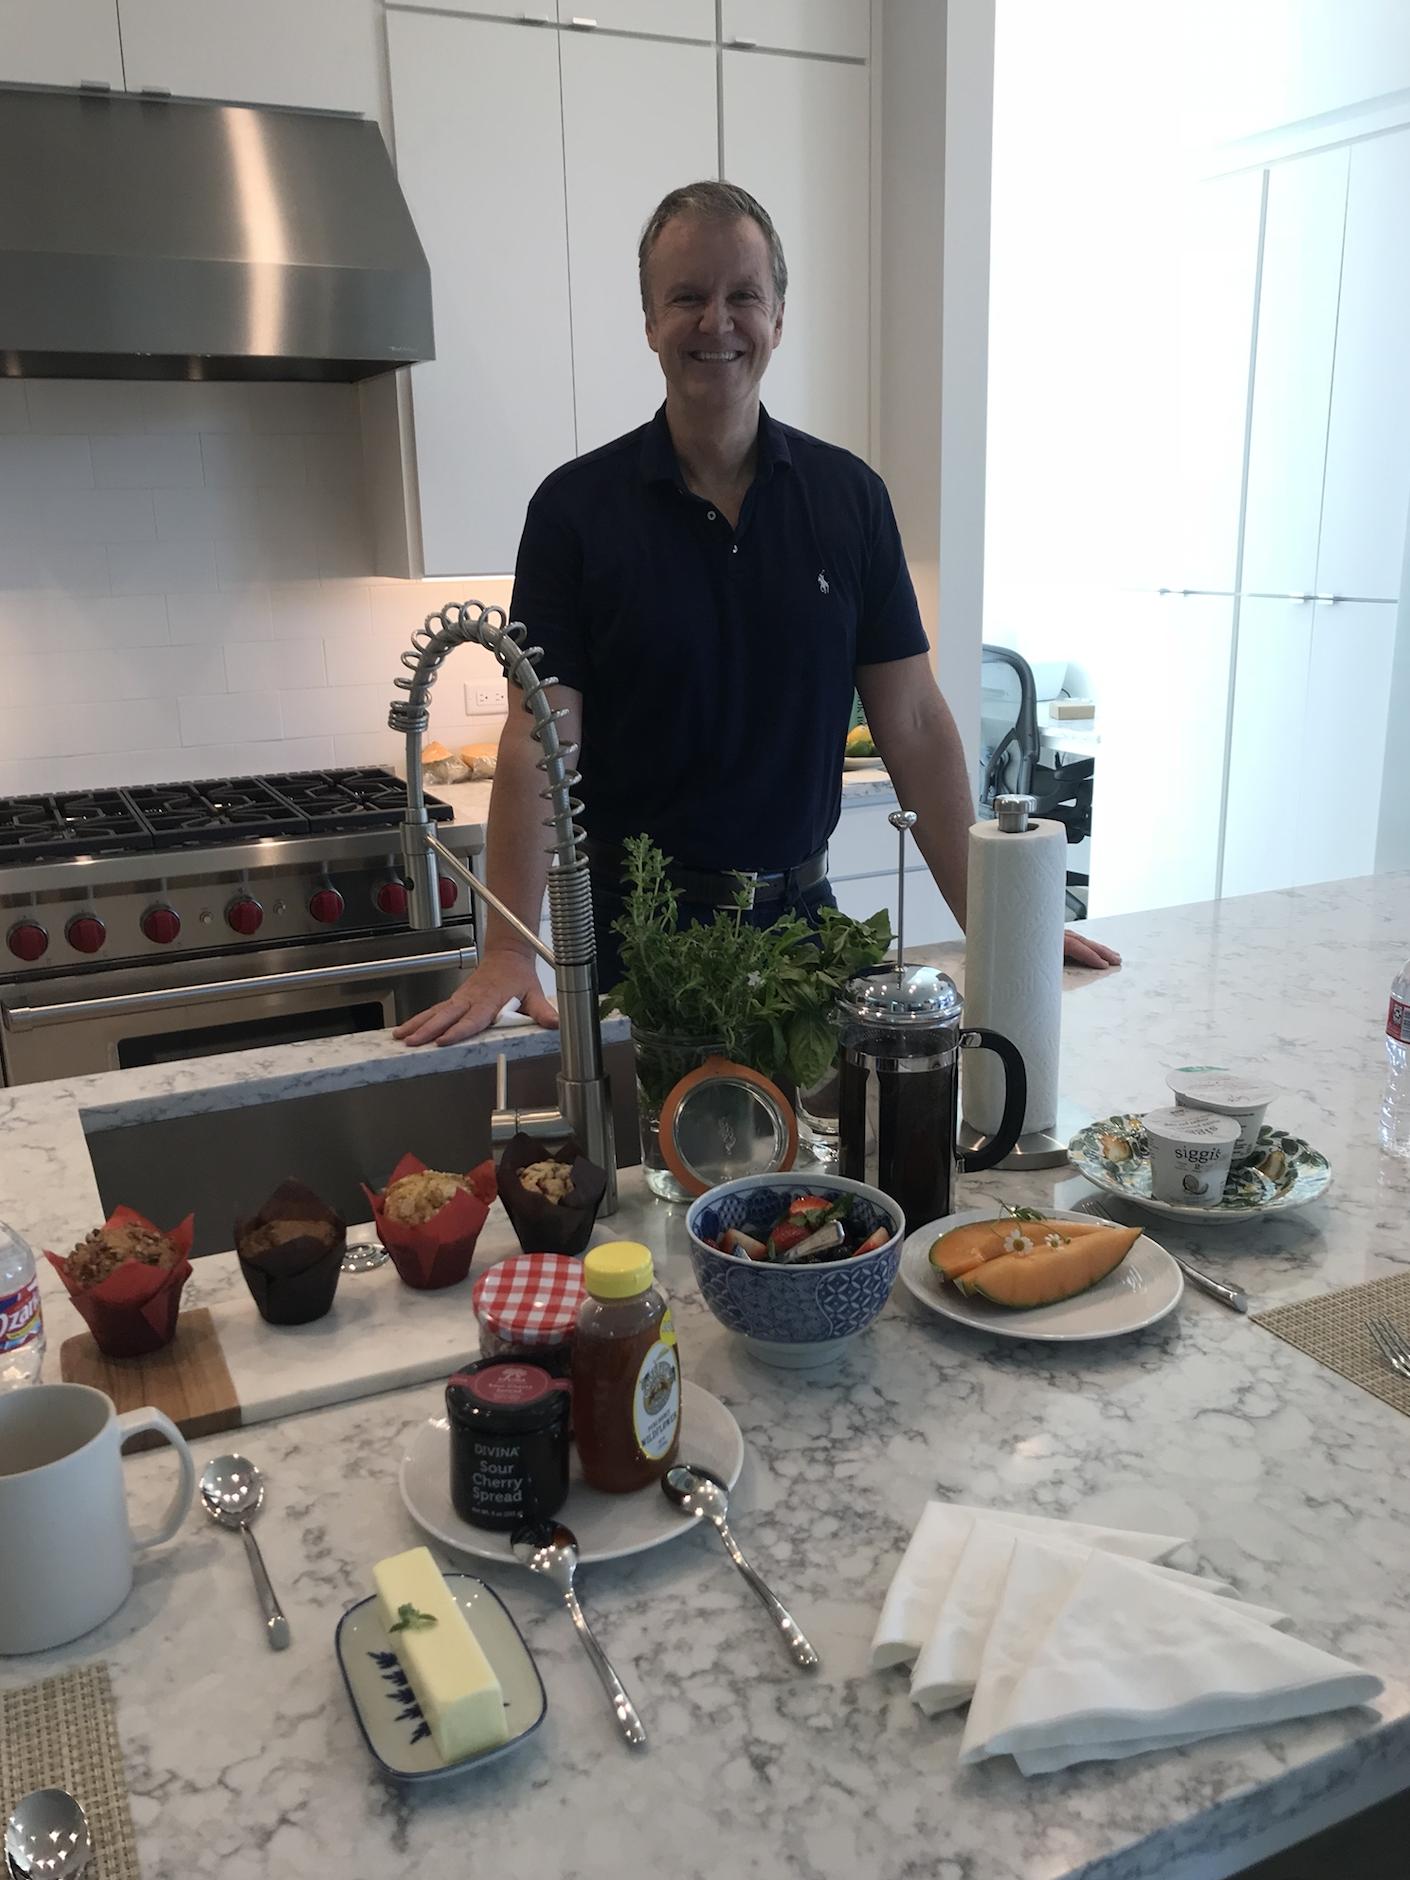 Gary Pettitt, Founder and CEO of Seasonal Living